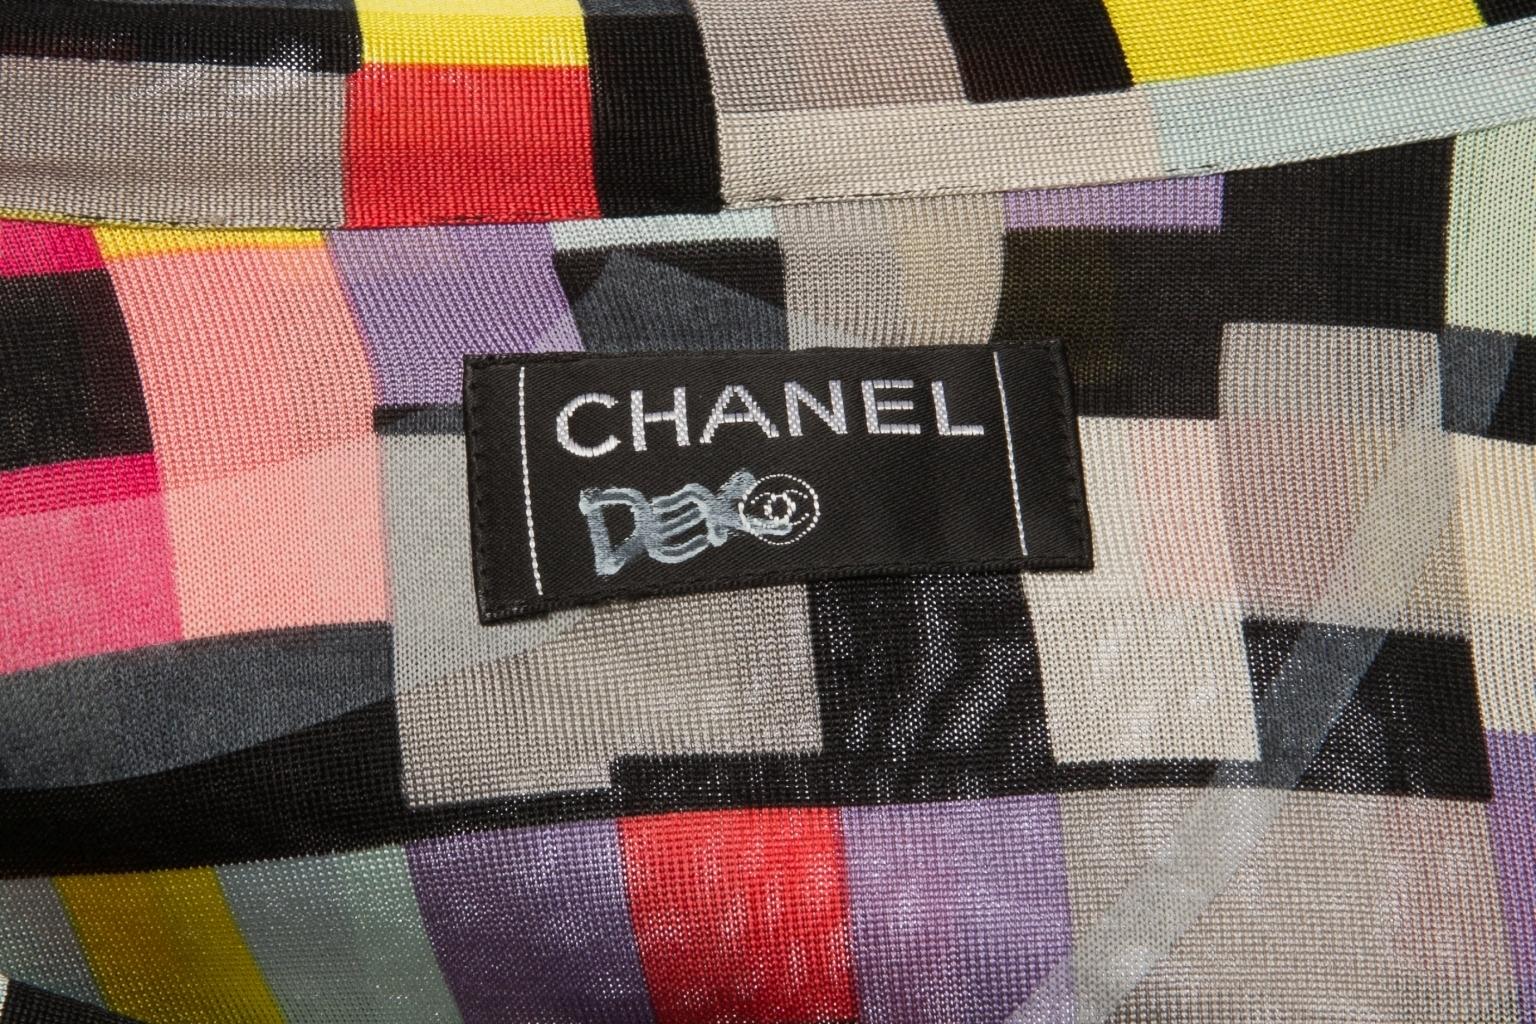 Укороченный трикотажный топ на молнии из шелка от Chanel, 34 размер.